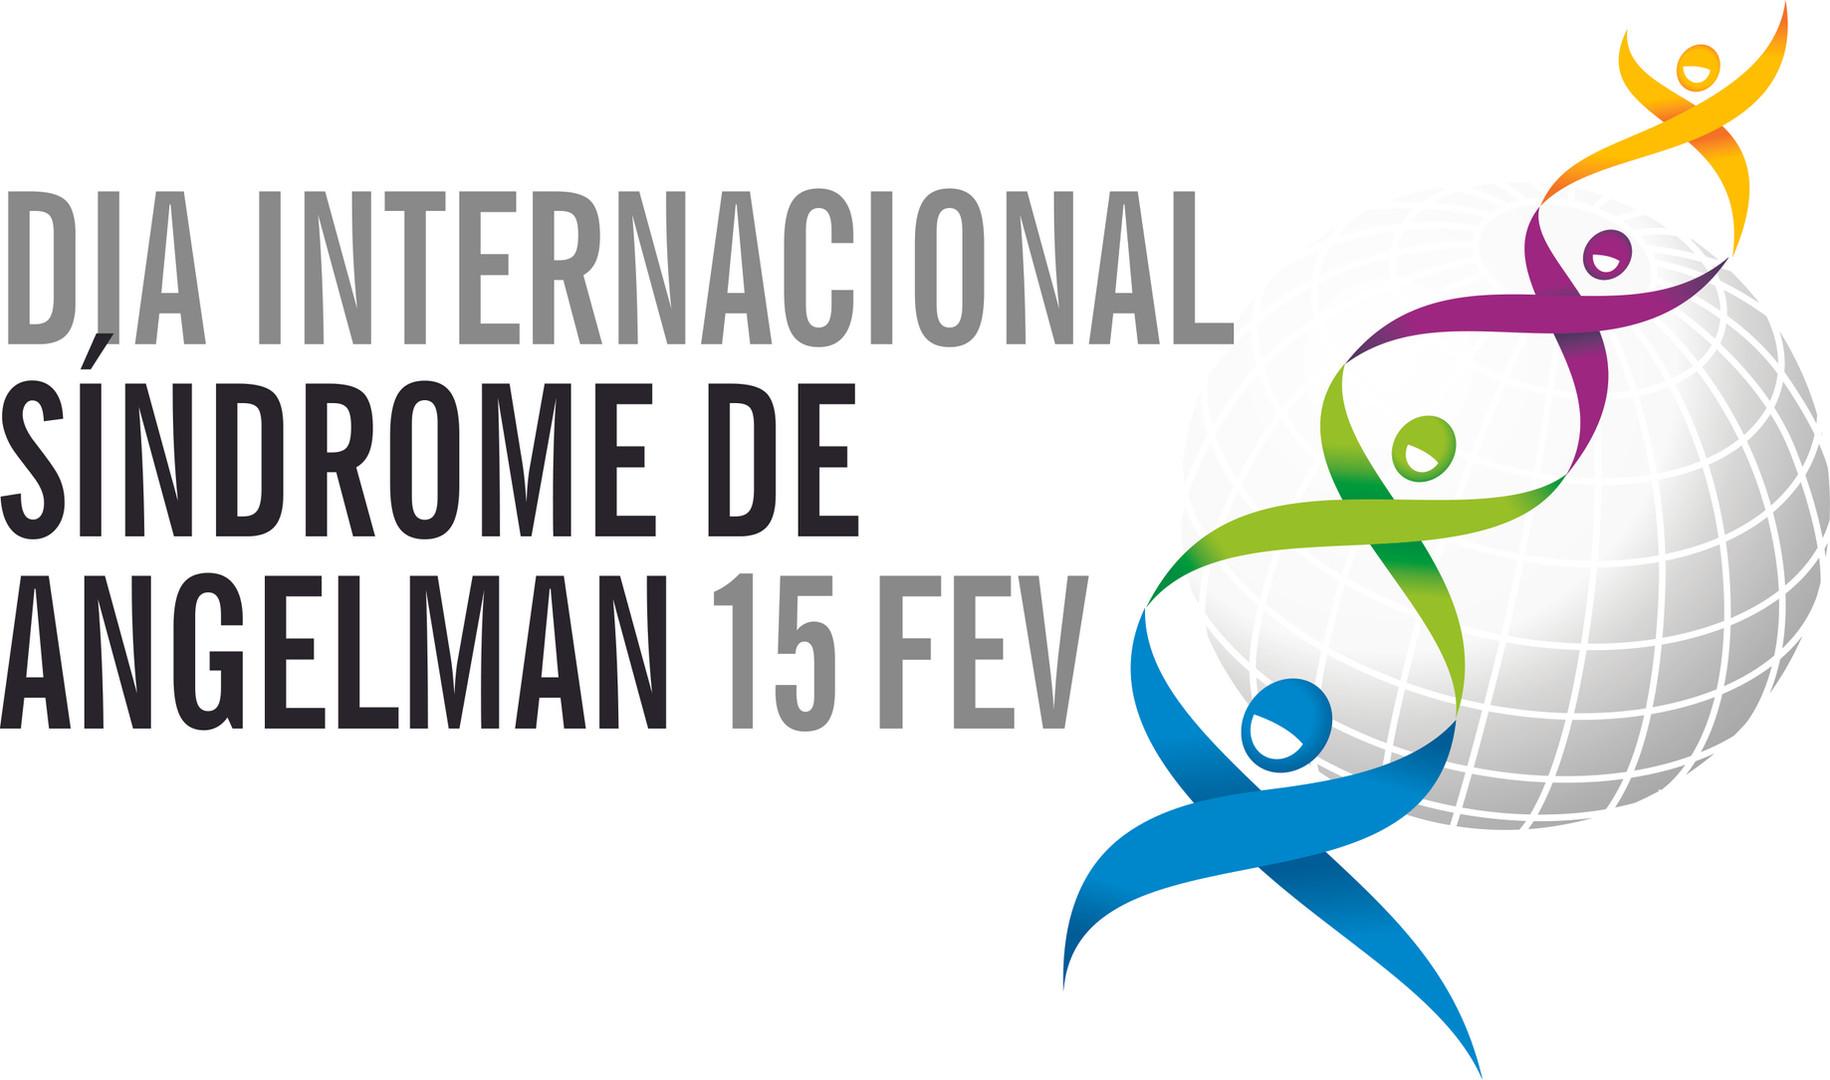 IAD logo - Portugese